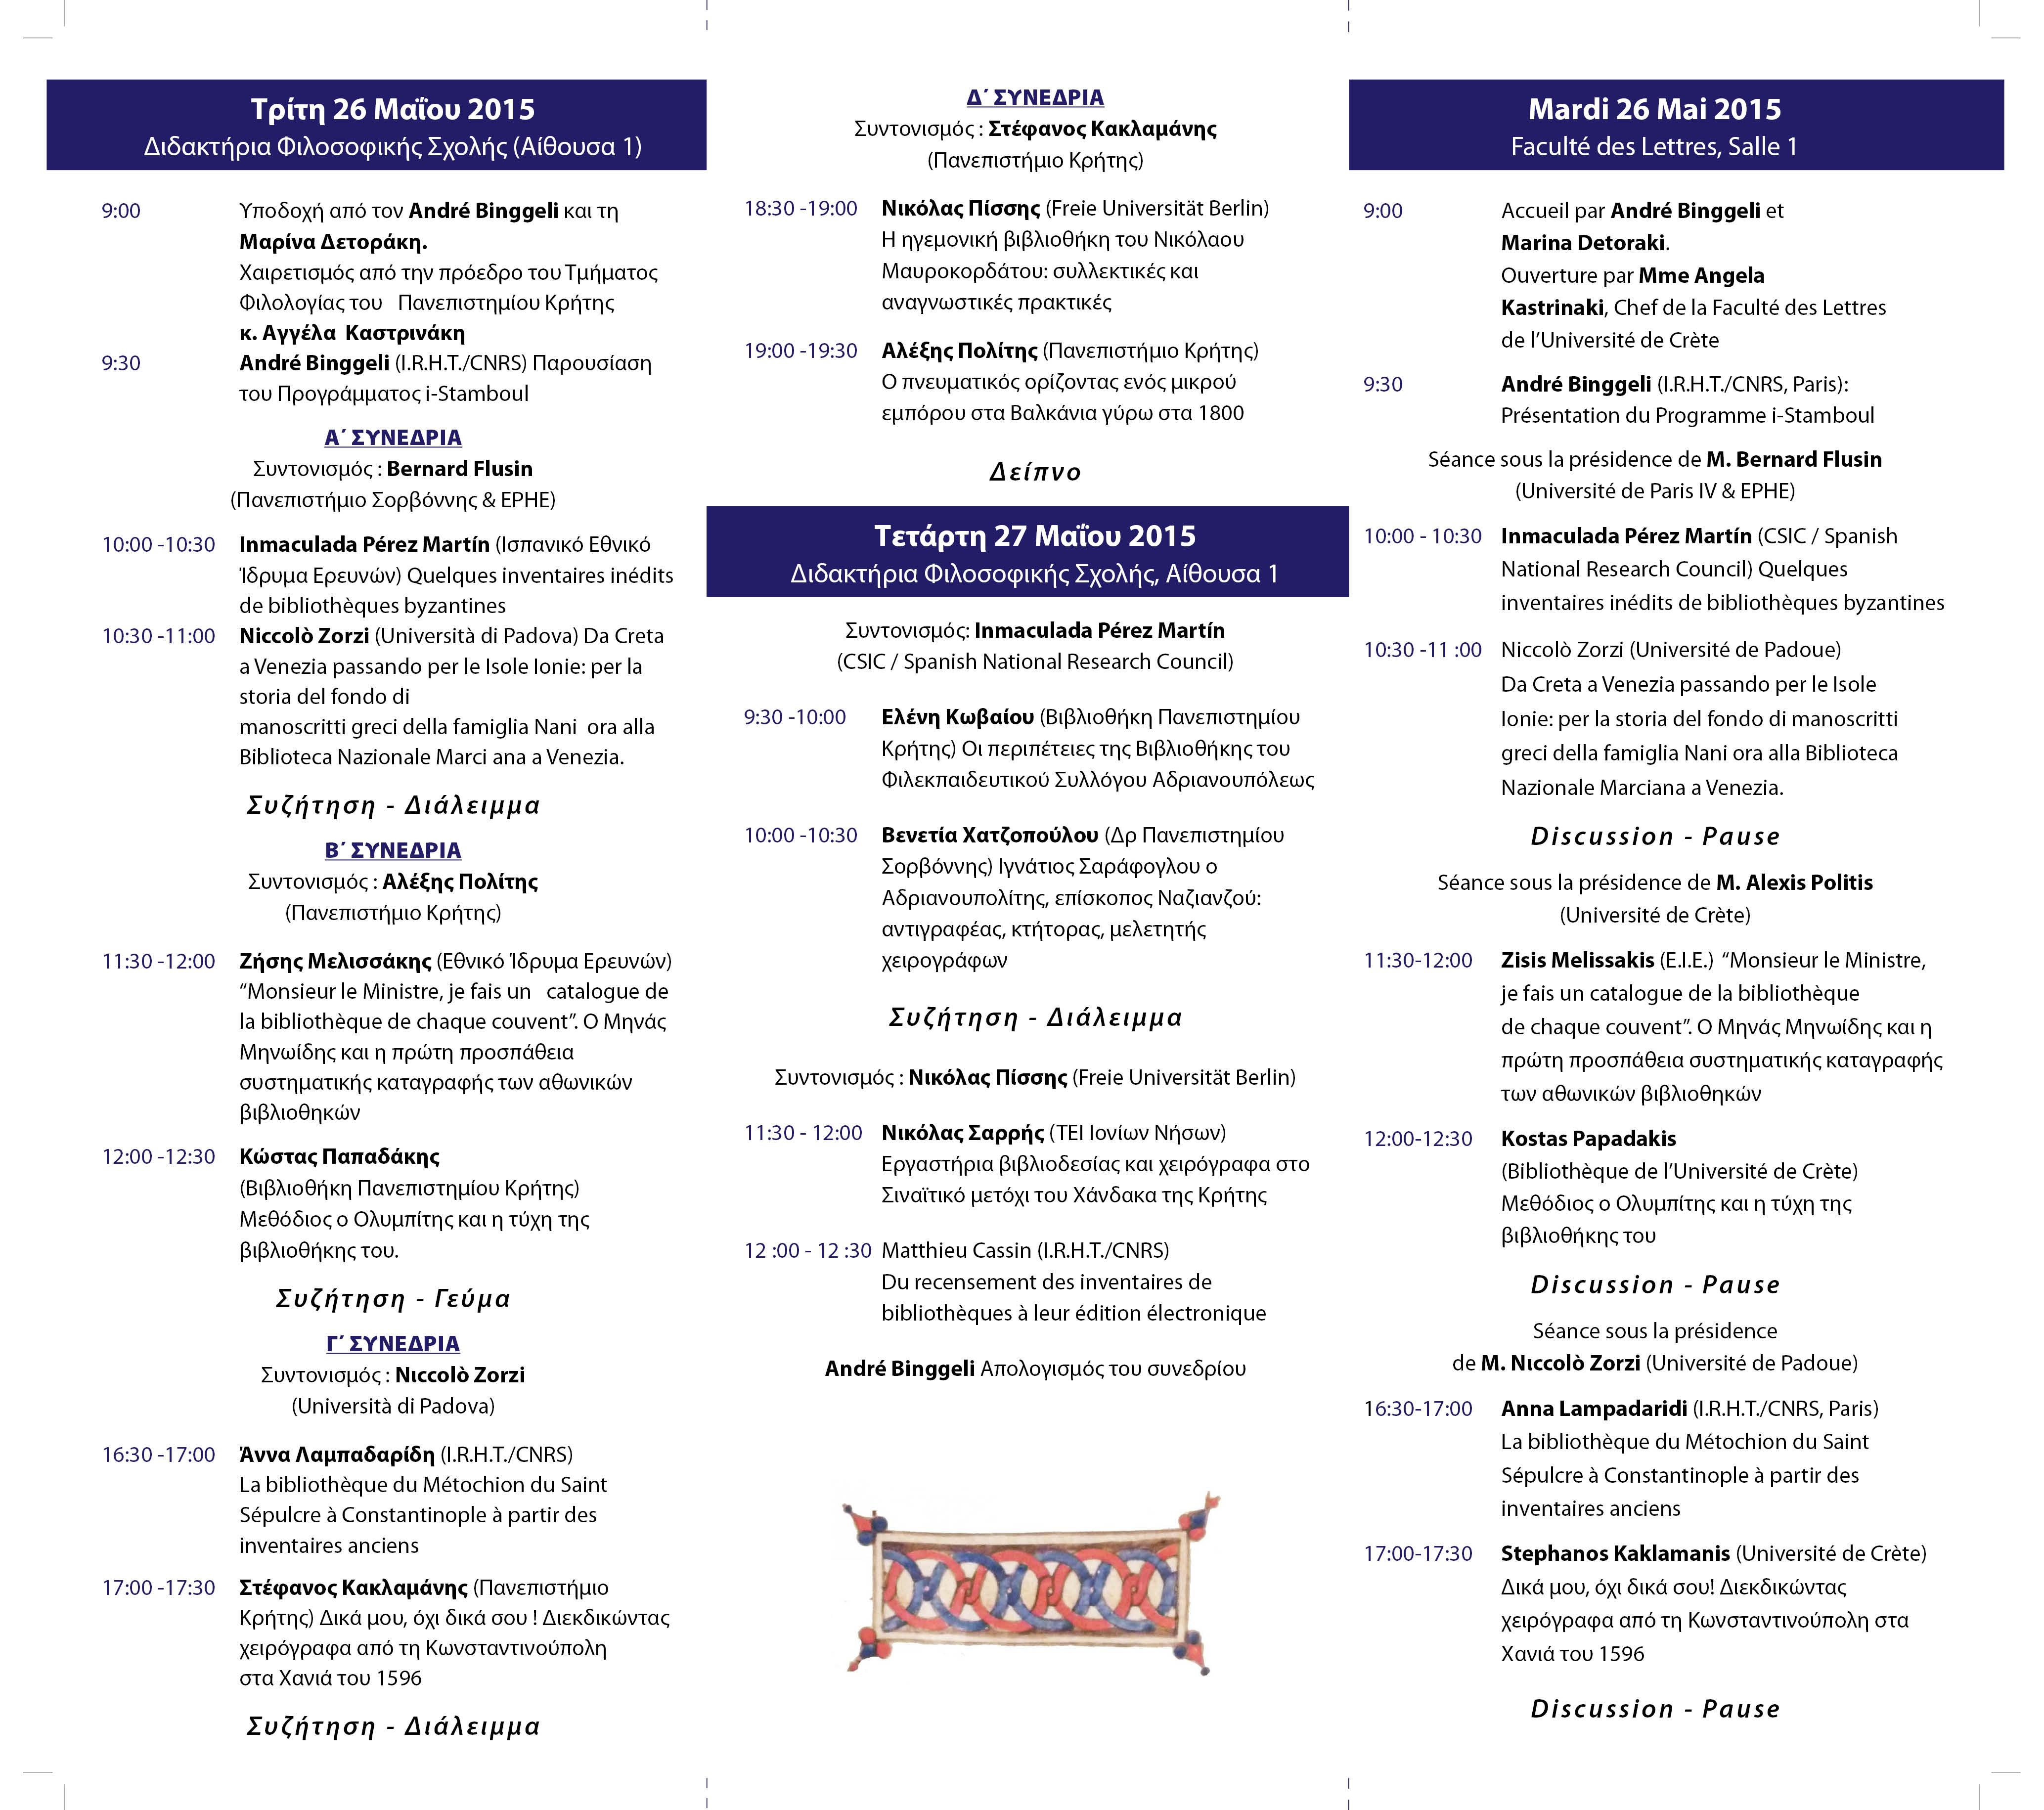 Programme colloque Crète 2